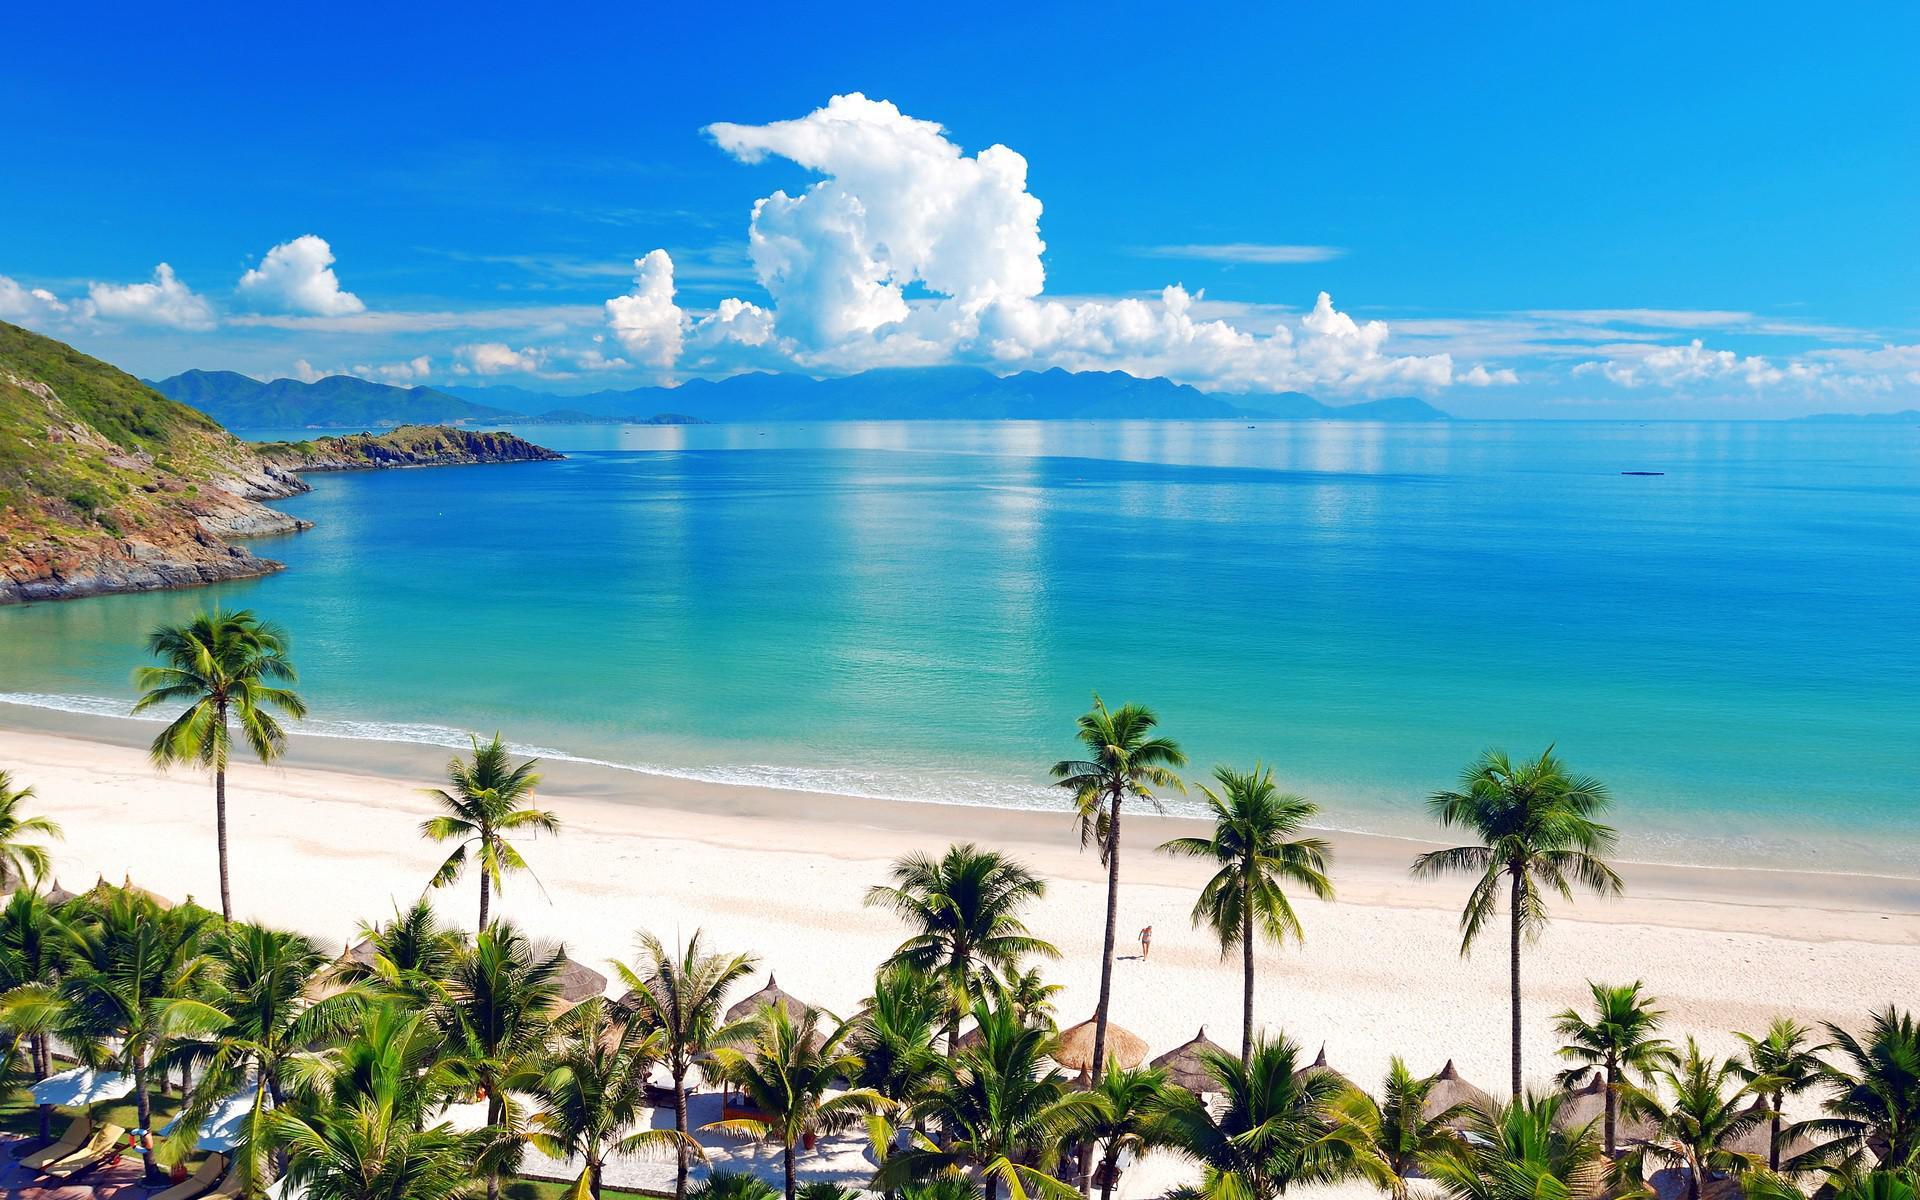 Thiên đường biển Nha Trang sở hữu bãi cát dài trắng mịn, dòng nước biển trong xanh, sinh vật biển vô cùng đa dạng